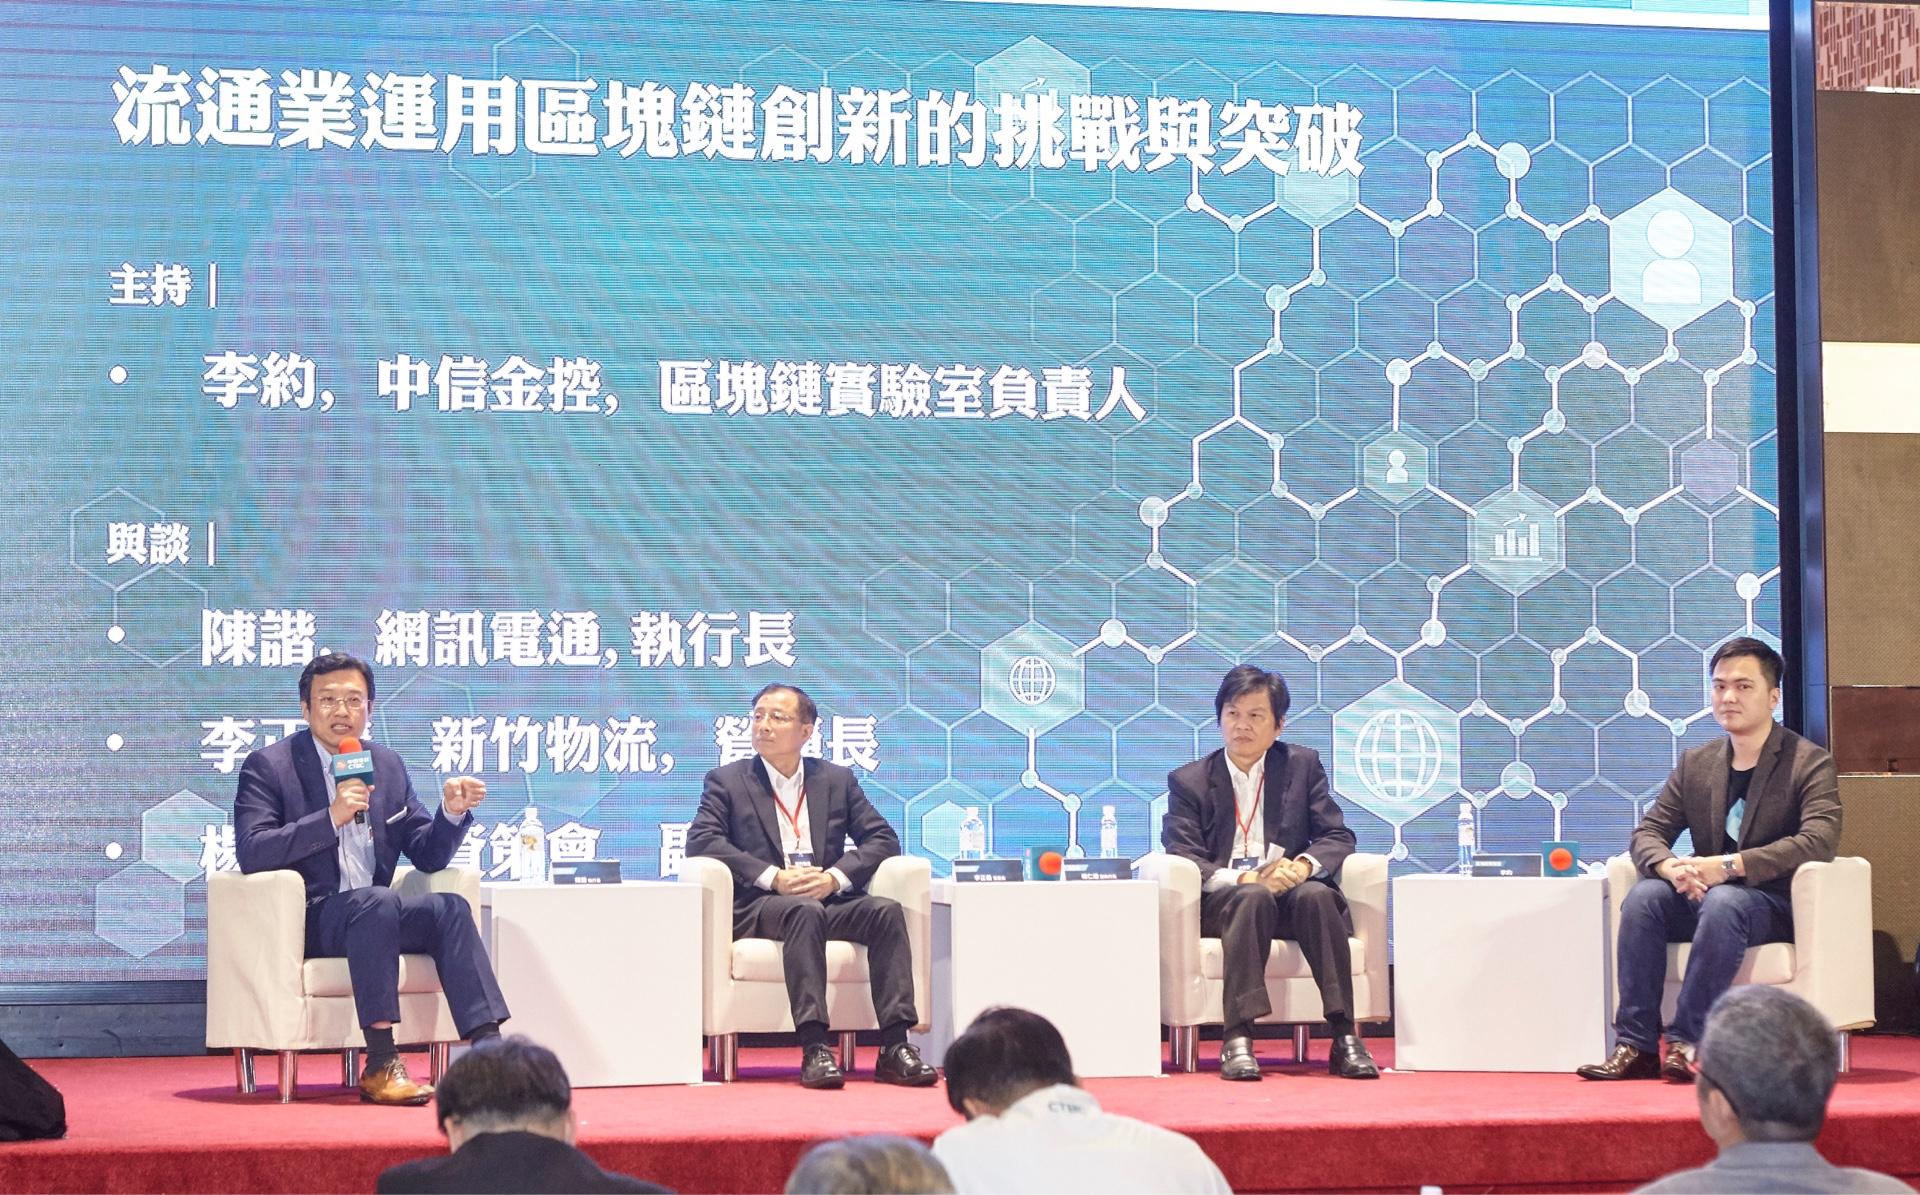 網訊電通、新竹物流、資策會合組「新零售大聯盟」 未來掀零售業的區塊鏈革命